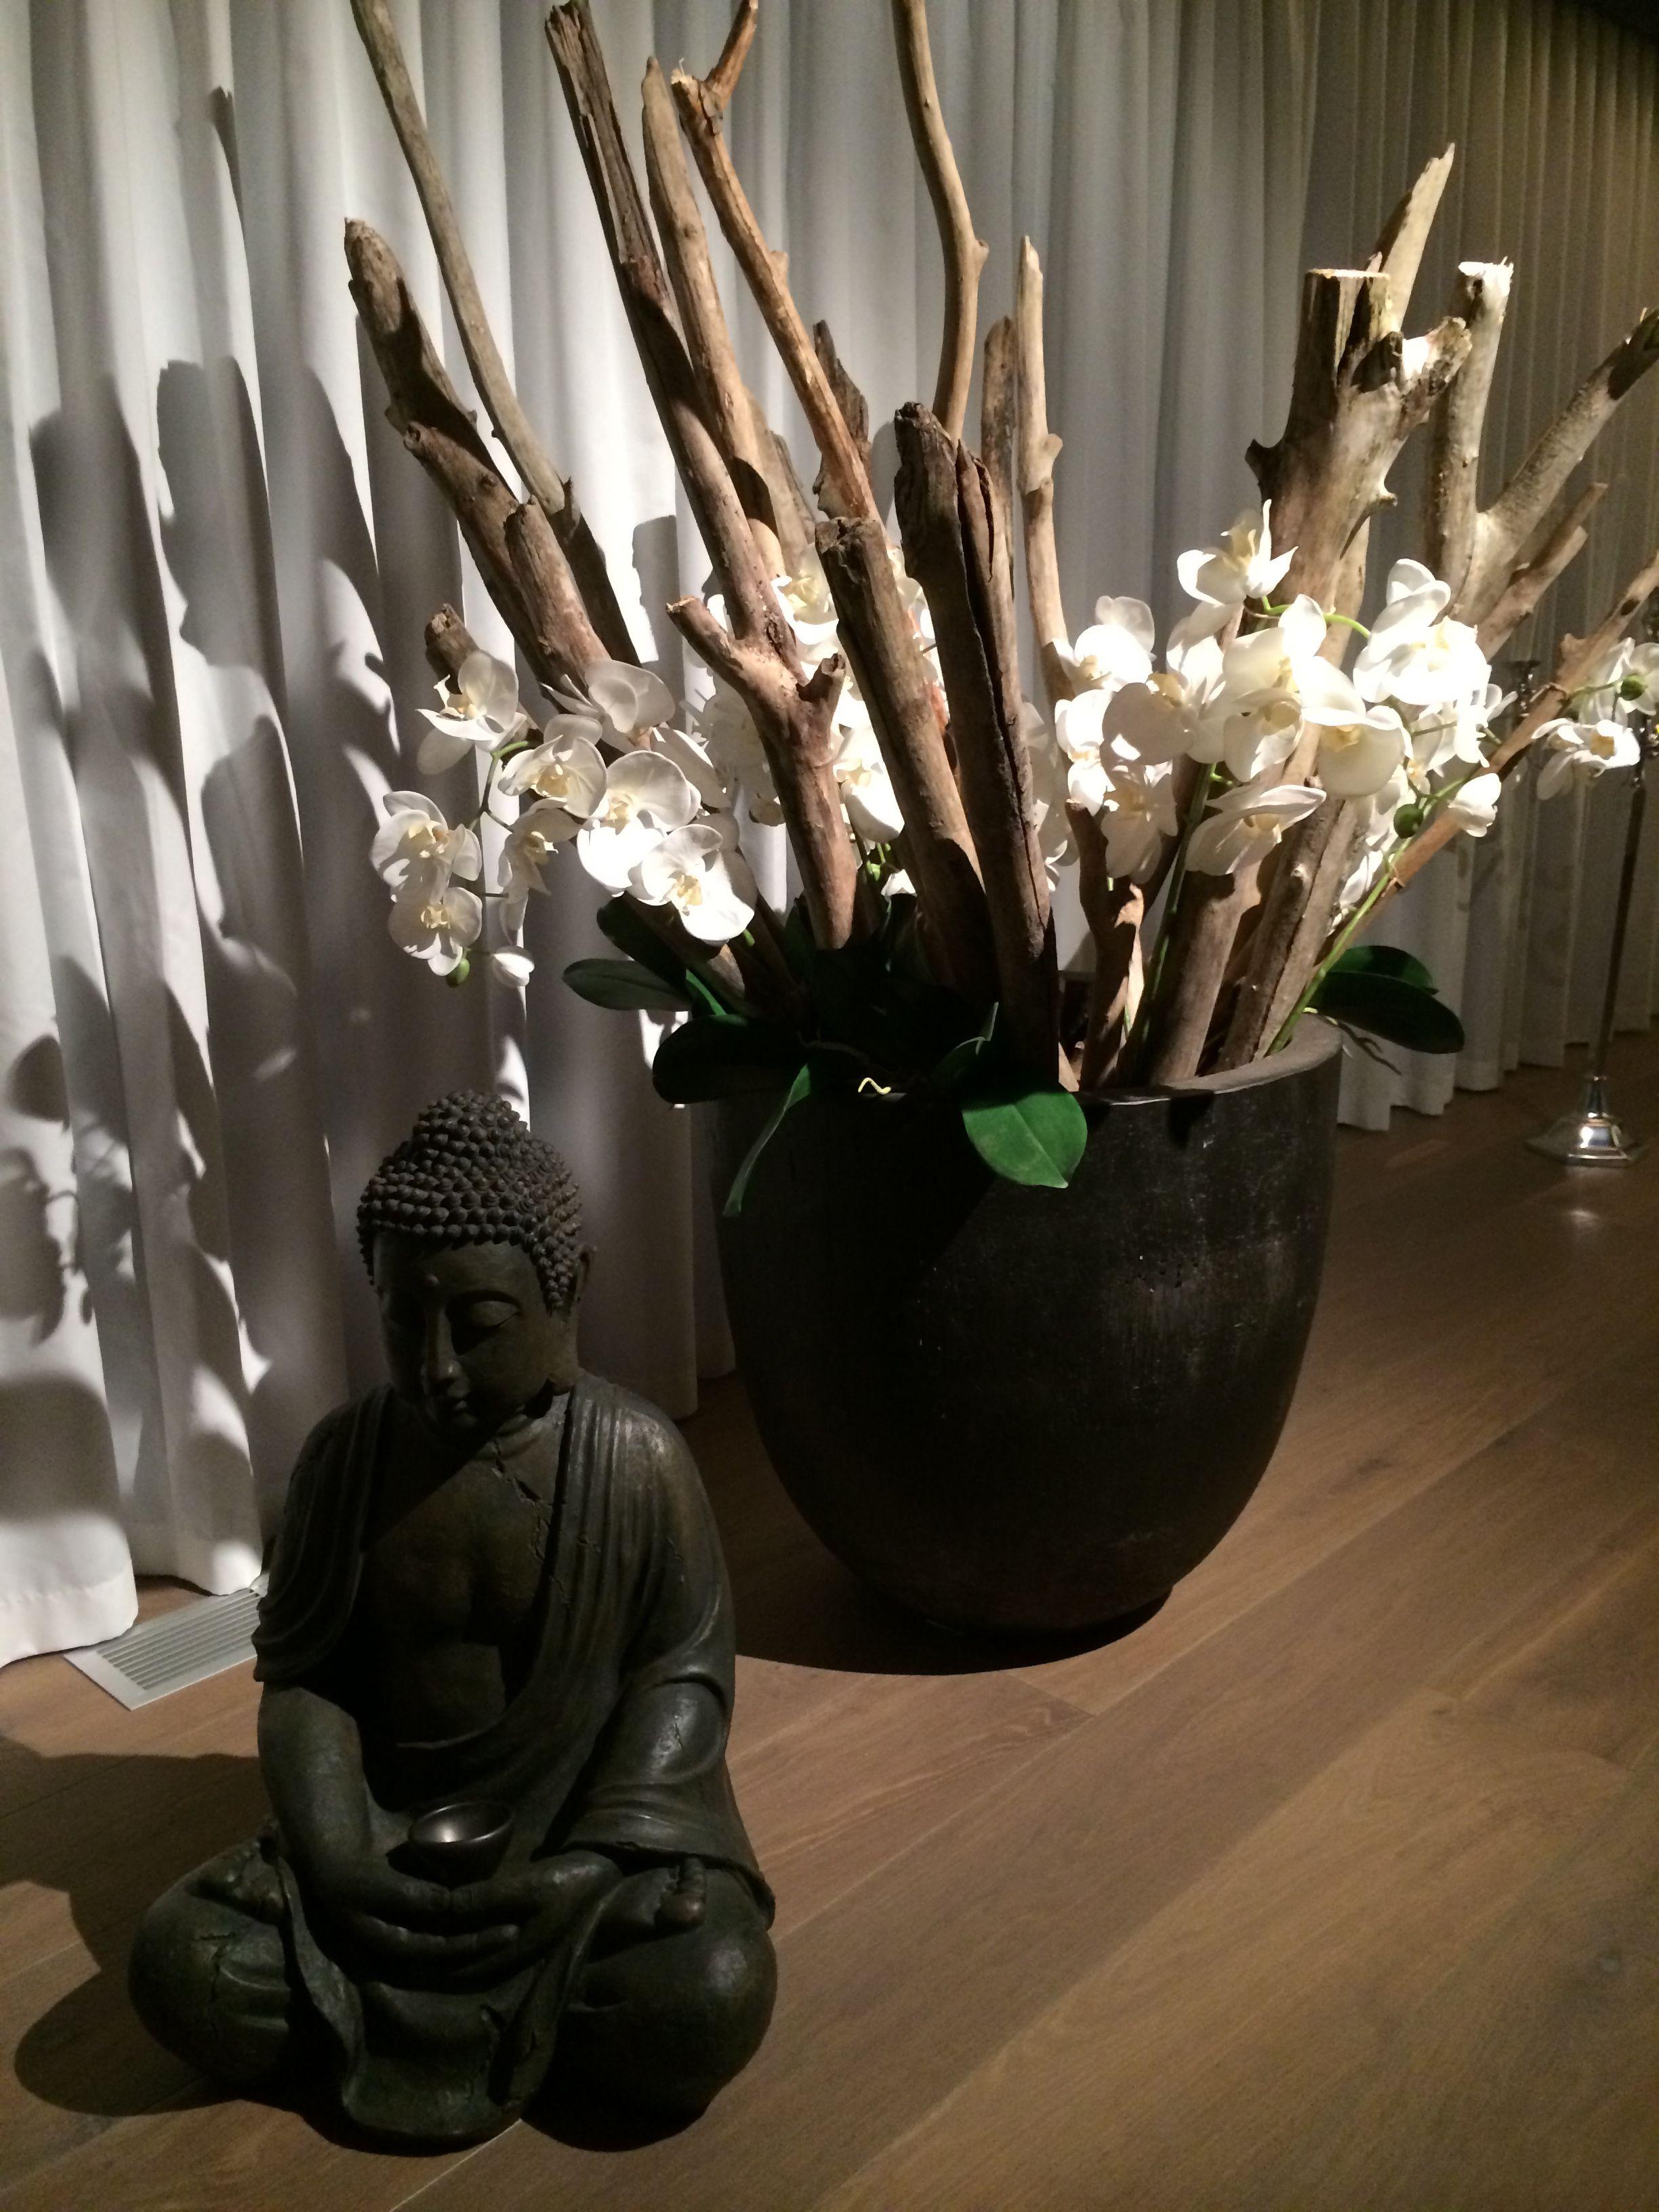 gef ssf llung mit orchideen k nstliche und schwemmholz dekoration mit orchideen k nstliche. Black Bedroom Furniture Sets. Home Design Ideas